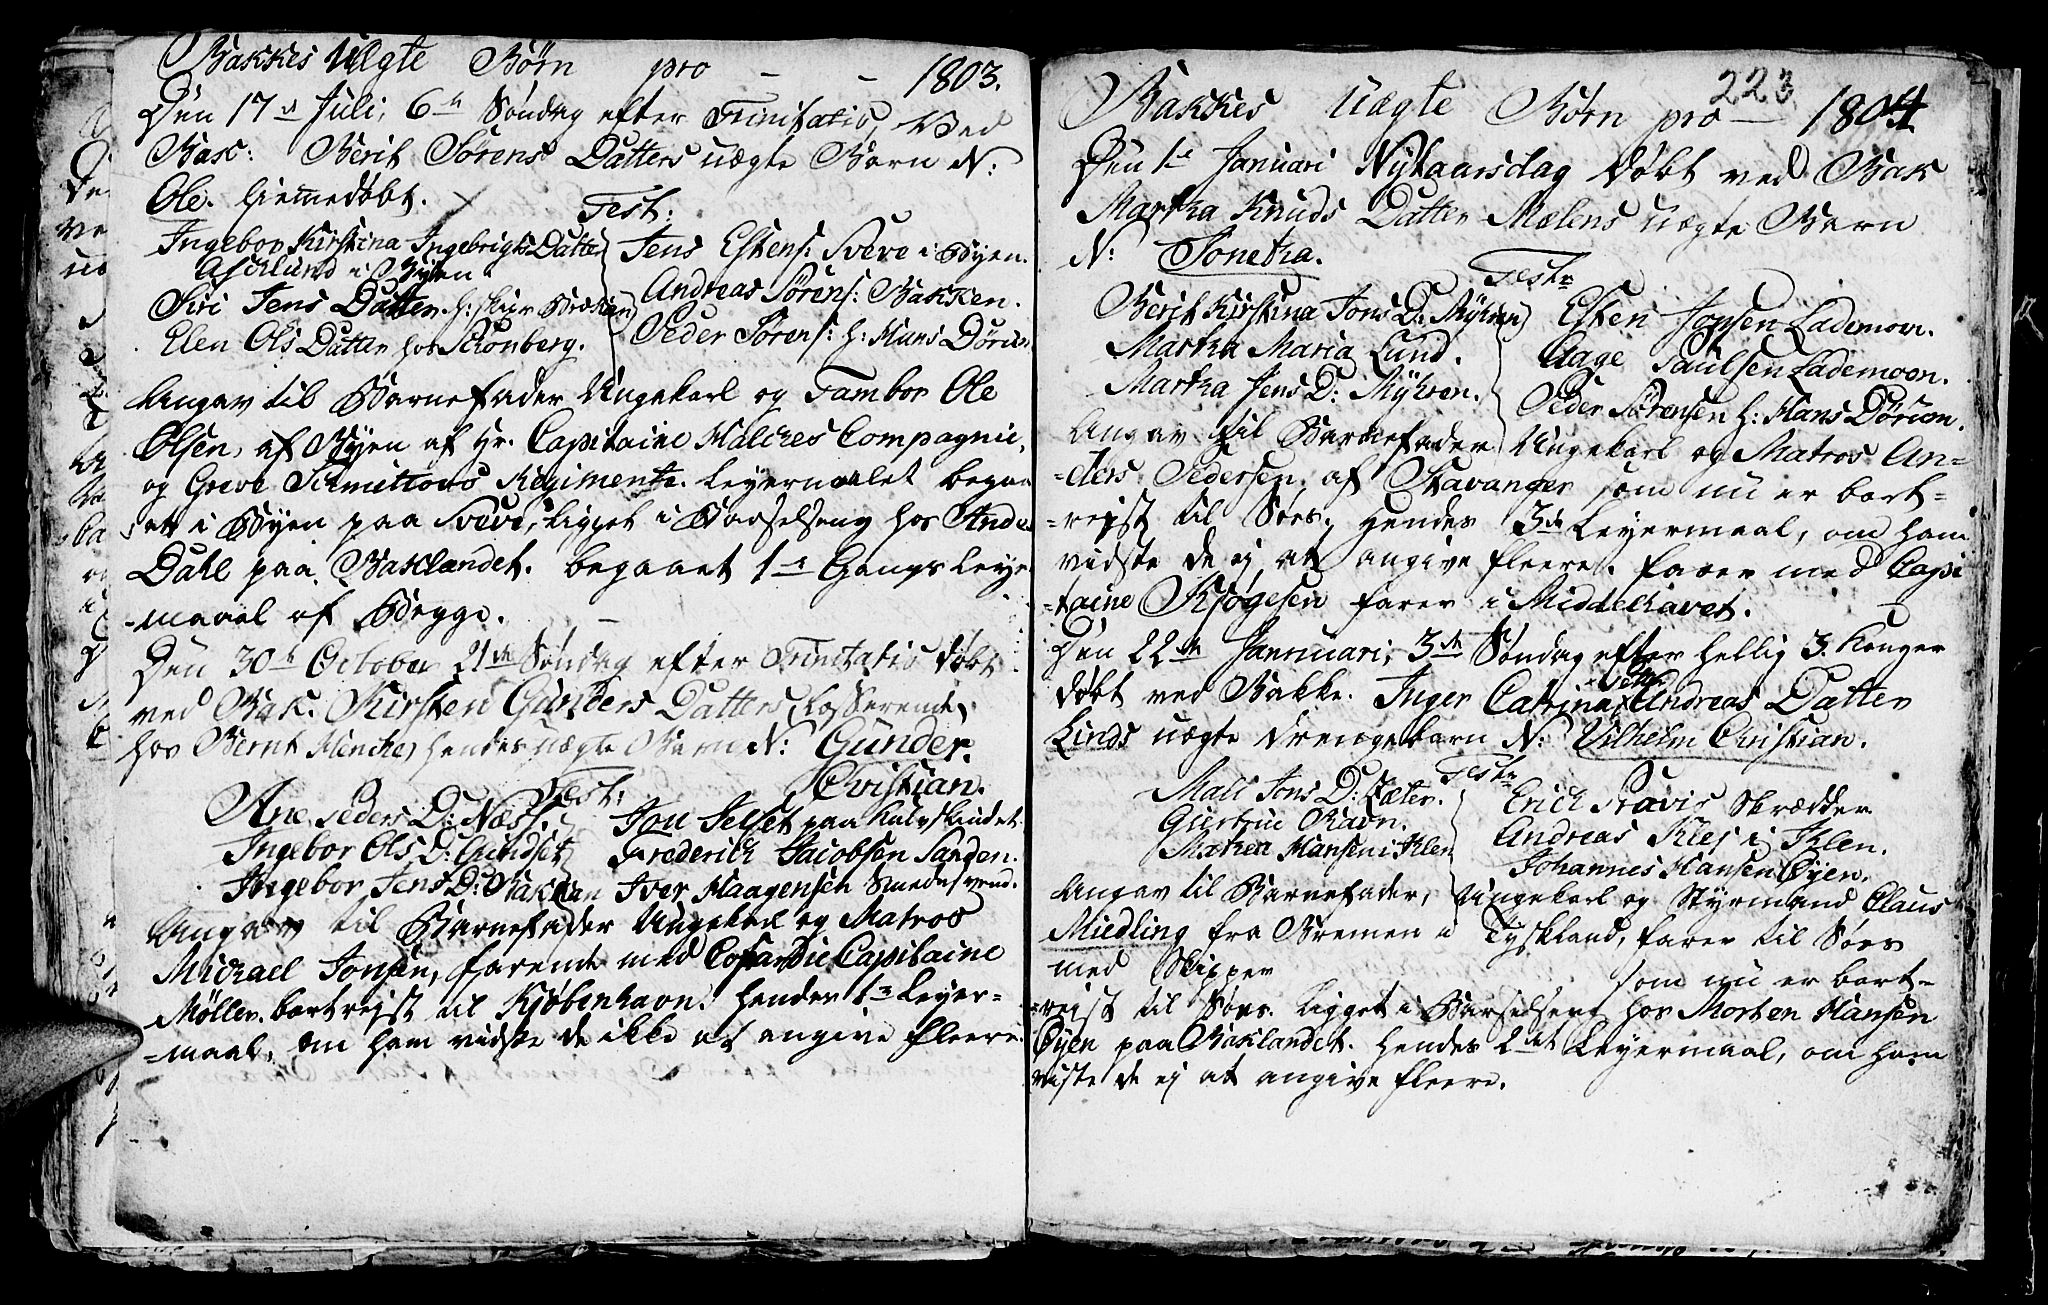 SAT, Ministerialprotokoller, klokkerbøker og fødselsregistre - Sør-Trøndelag, 604/L0218: Klokkerbok nr. 604C01, 1754-1819, s. 223